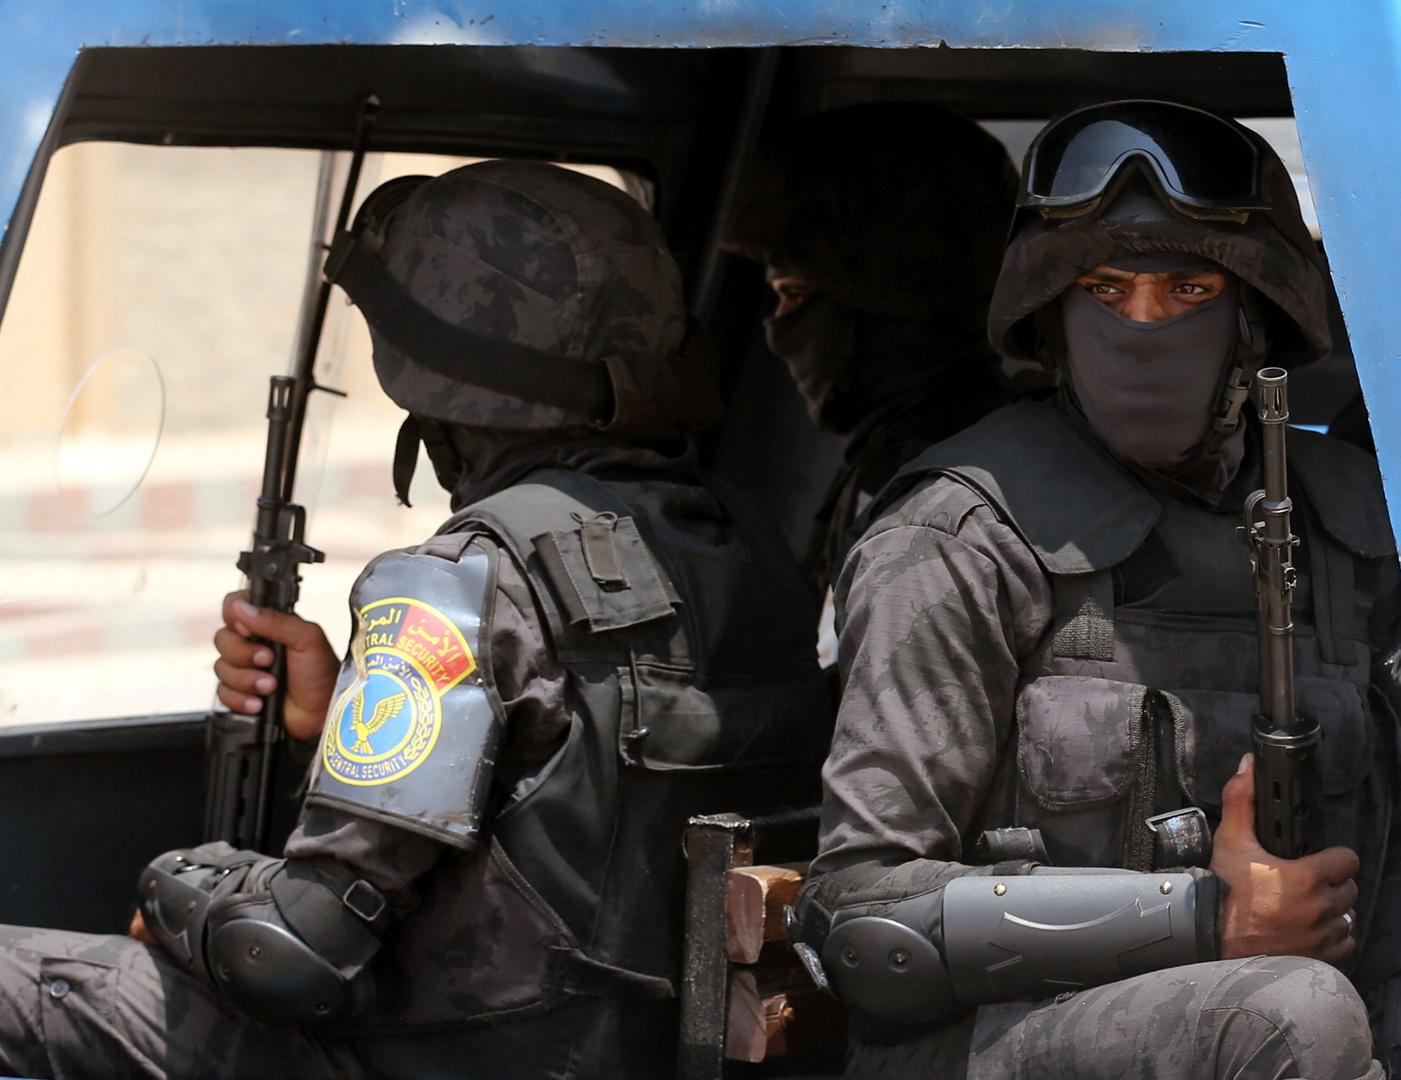 مصر.. حبس شخصين علّقا ثالثا على جدار للسخرية منه